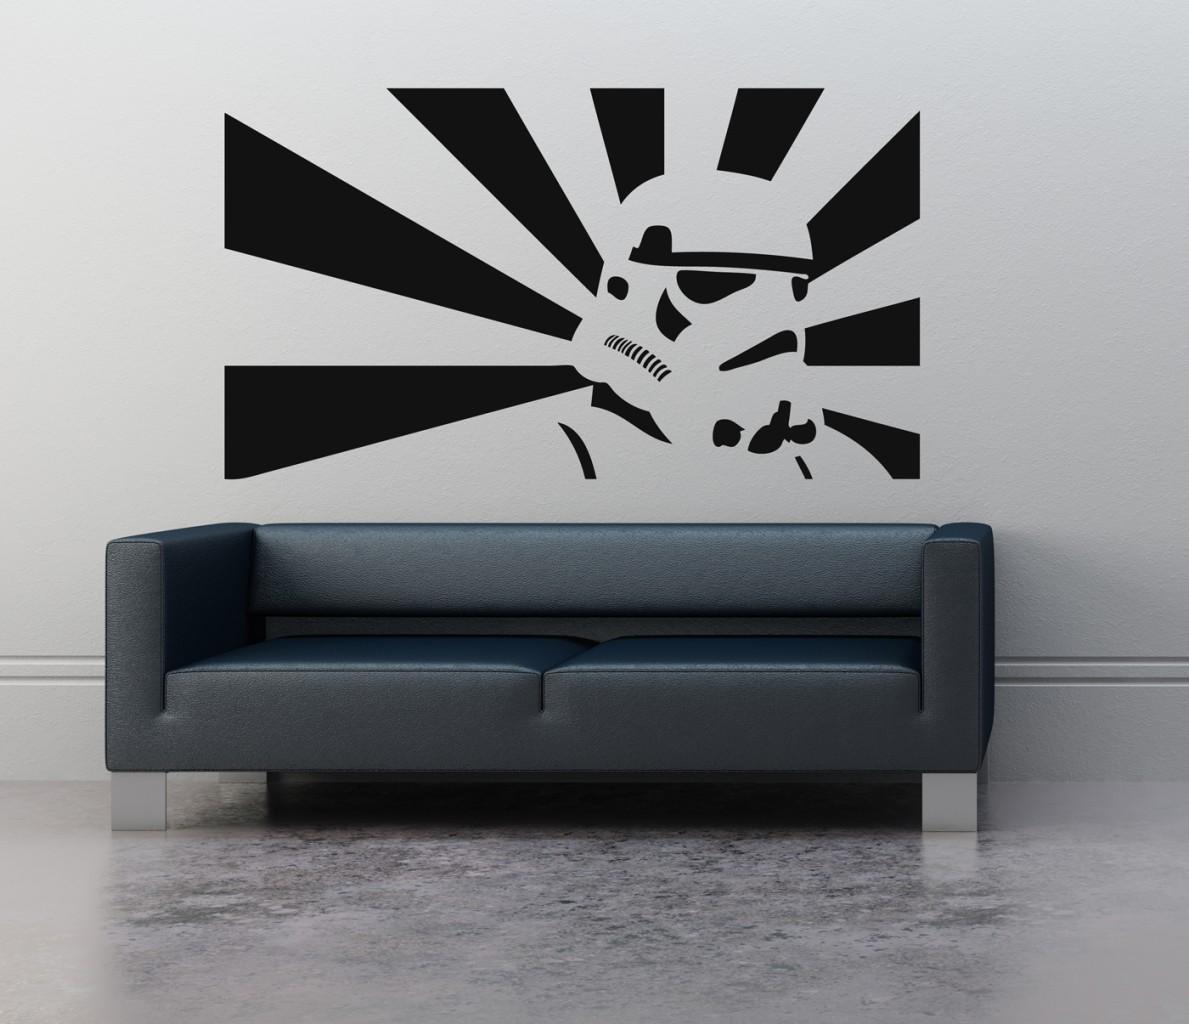 Wall Art Sticker Transfer Bedroom Lounge Storm Trooper